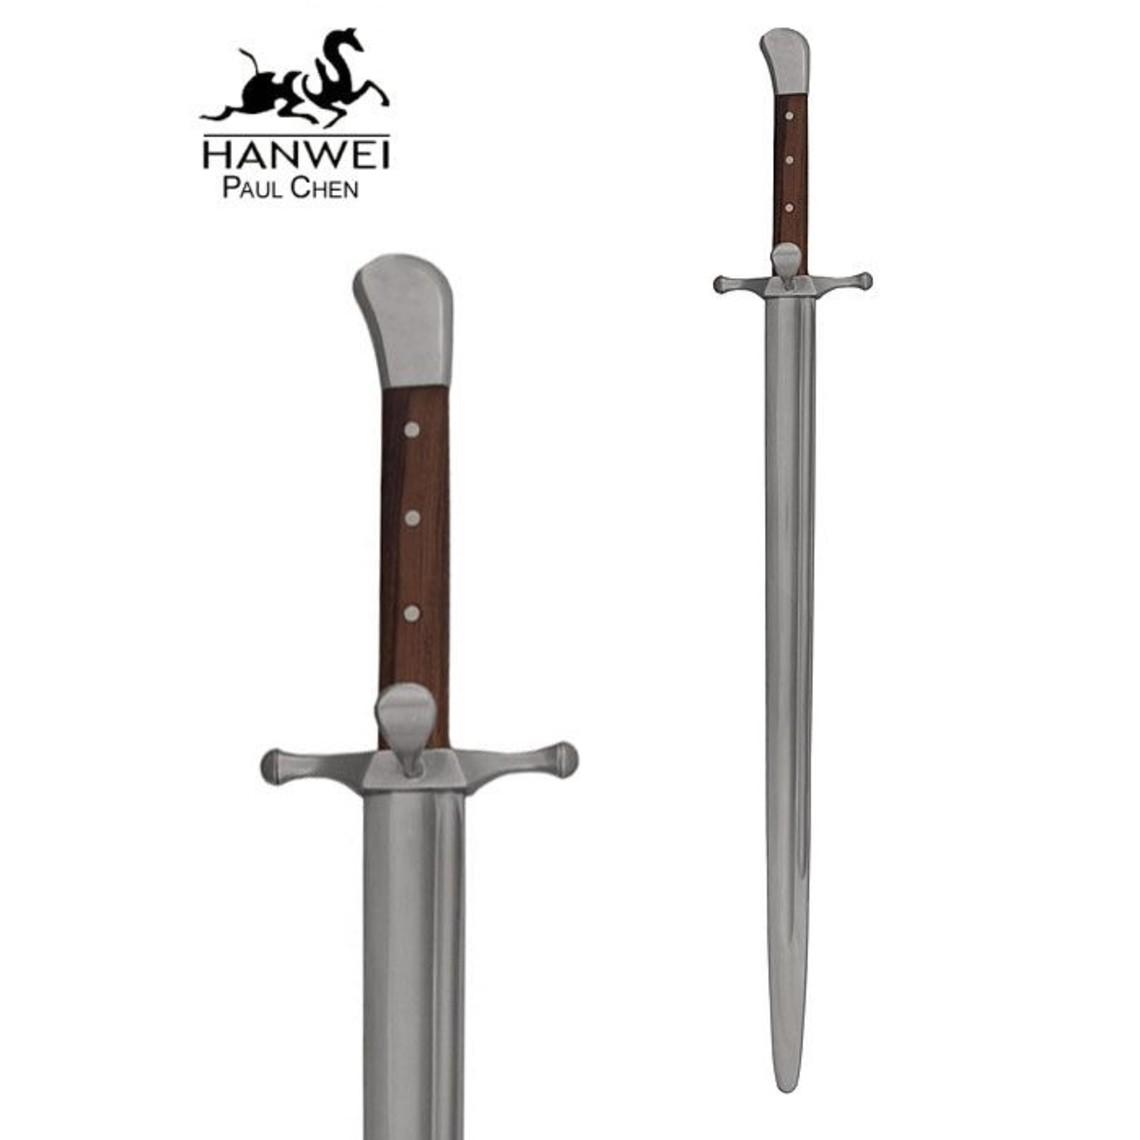 Hanwei Battle-ready messer